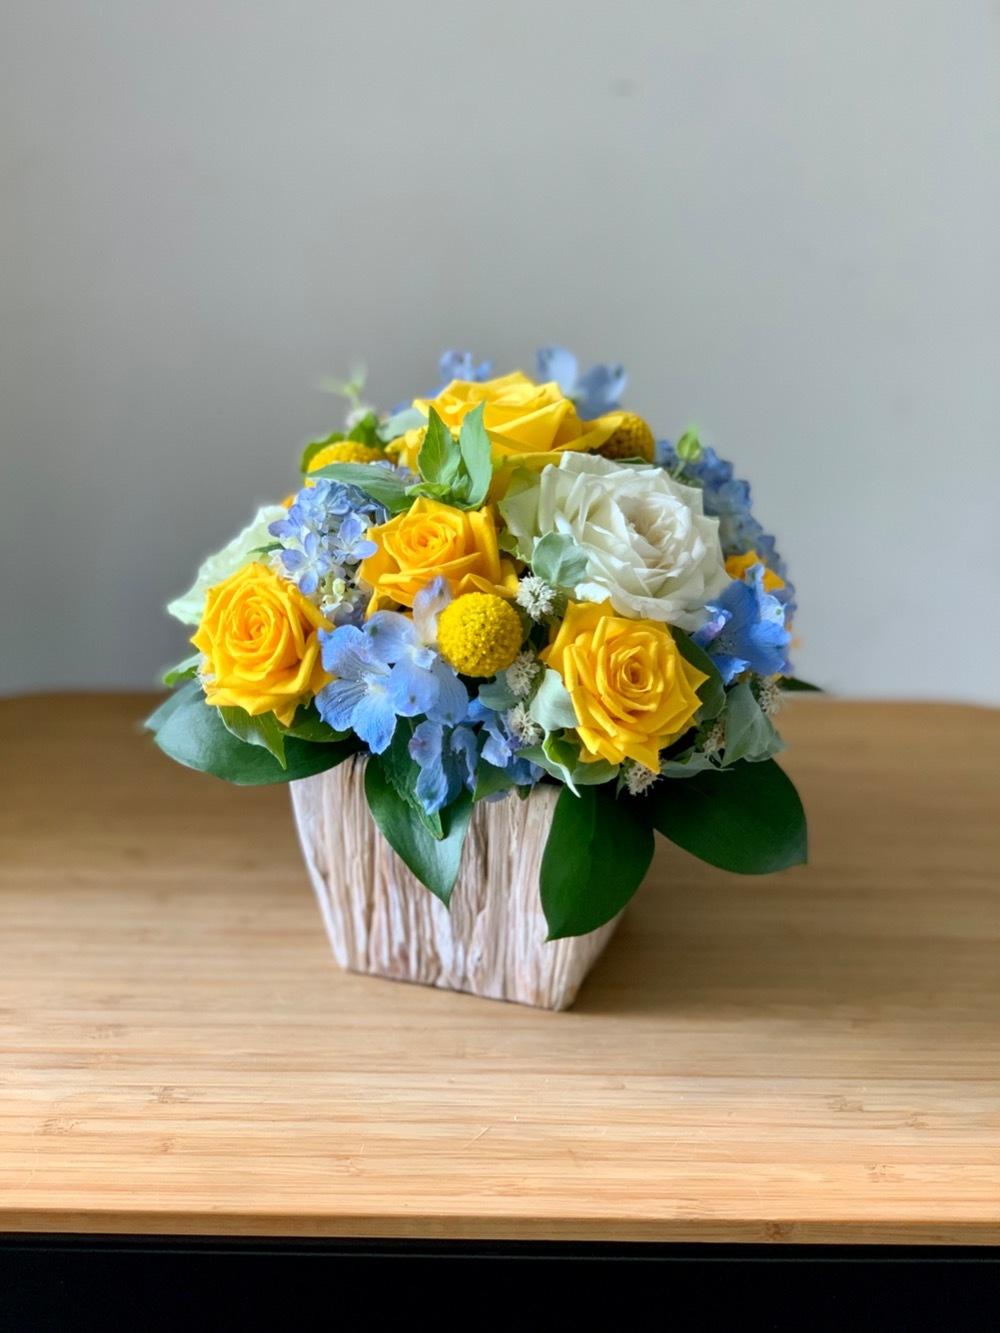 「ありがとう」の気持ちを込めた黄色とブルーの淡い色合いのアレンジメント